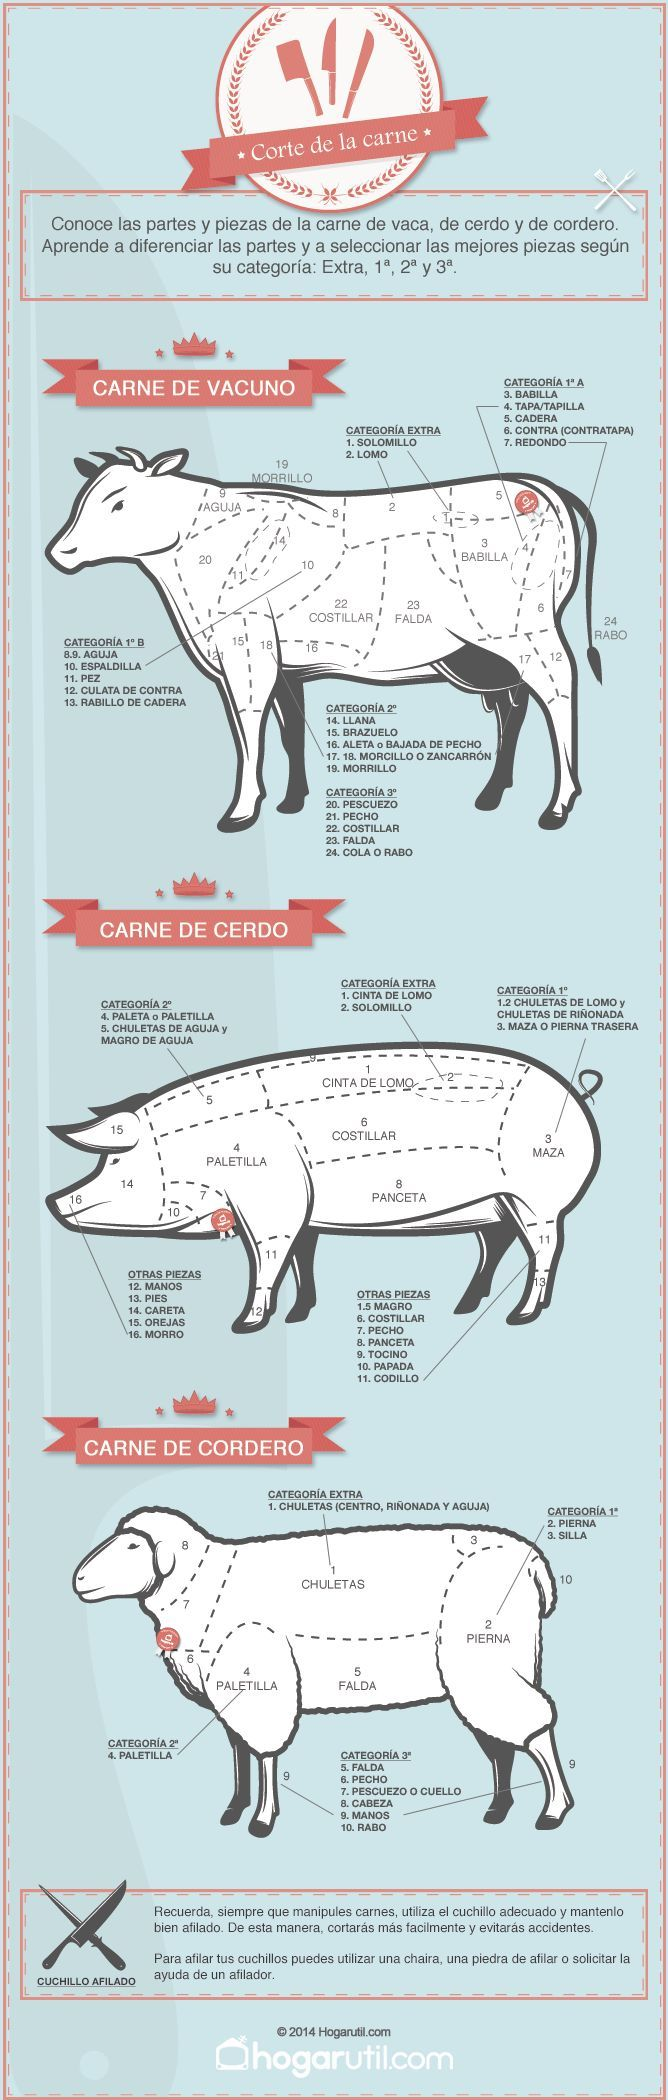 Infografía sobre el corte de la carne de vaca, cerdo y cordero #infografia | https://lomejordelaweb.es/